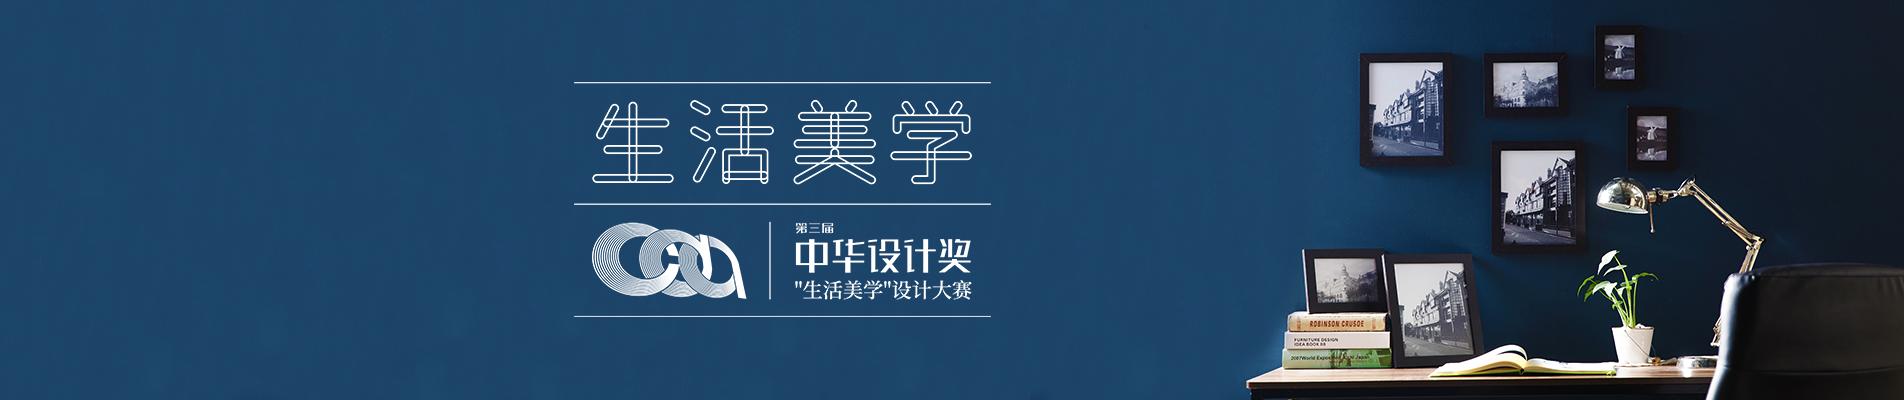 2019中华设计奖-生活美学